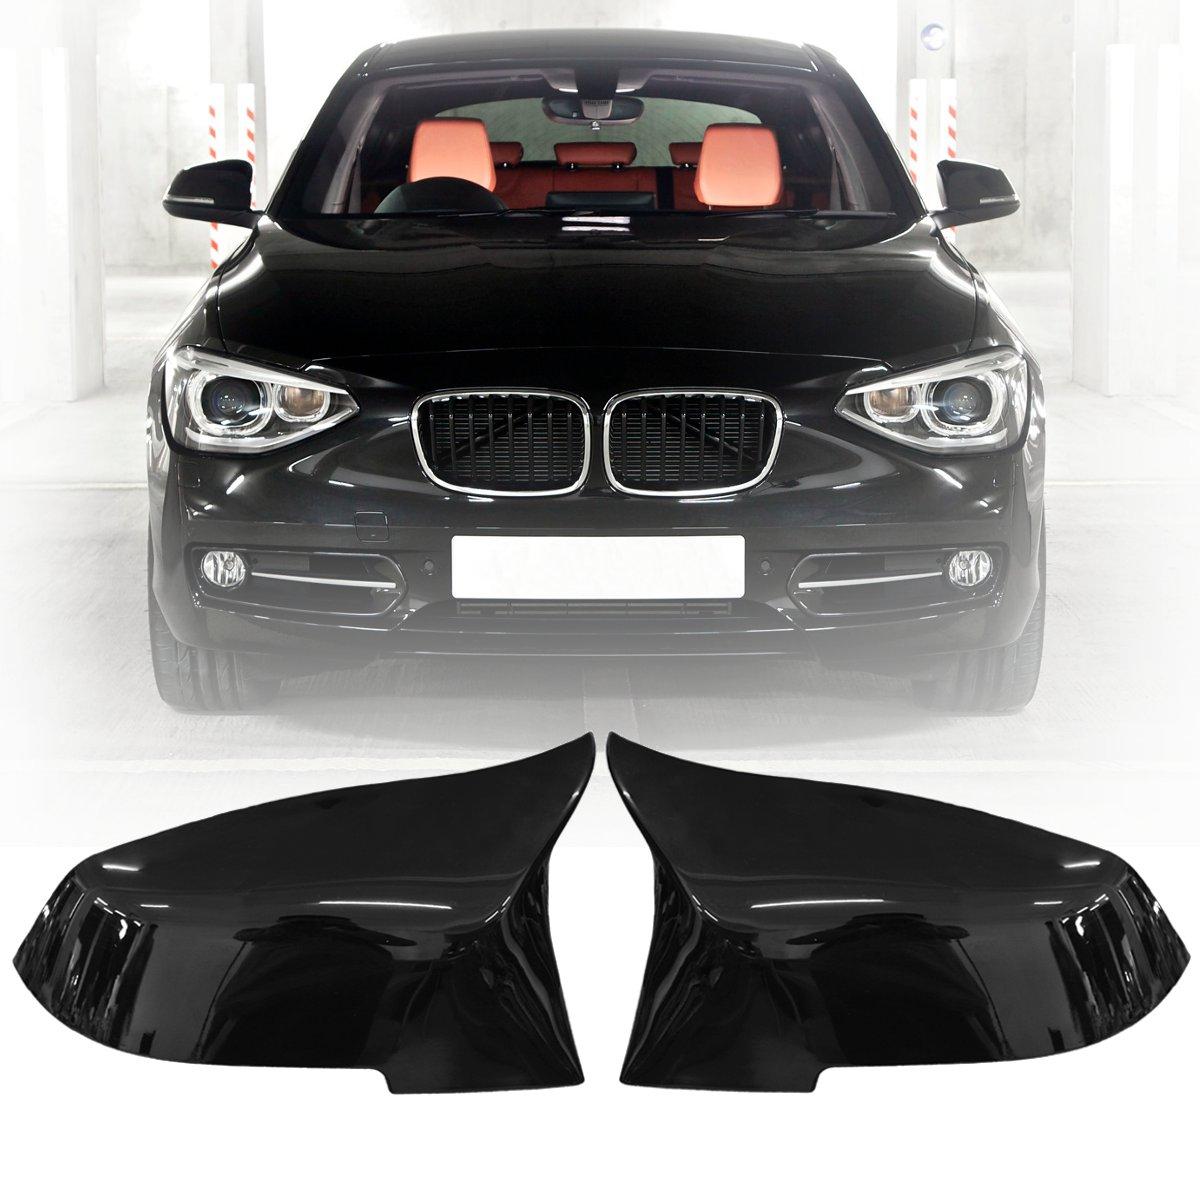 1 Pair Car Gloss Black Rearview Mirror Cover Cap For BMW F20 F21 F22 F30 F32 F36 X1 F87 M3 2012 2013 2014 2015 2016 2017 недорого